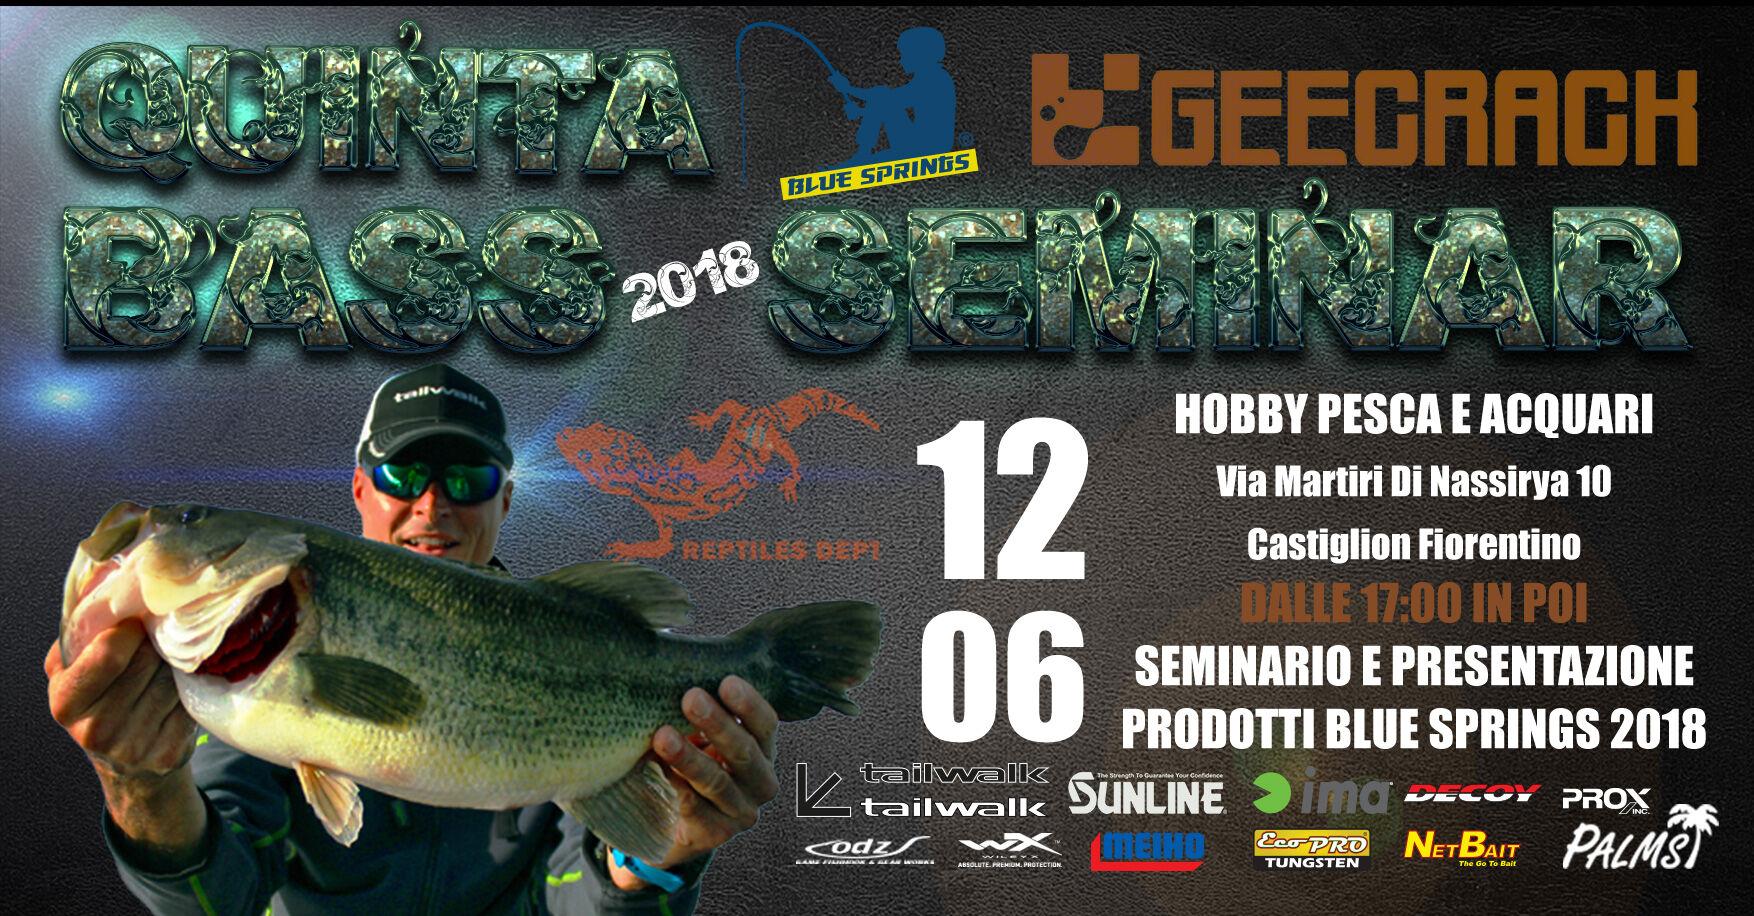 bass seminar hobby pesca e acquari